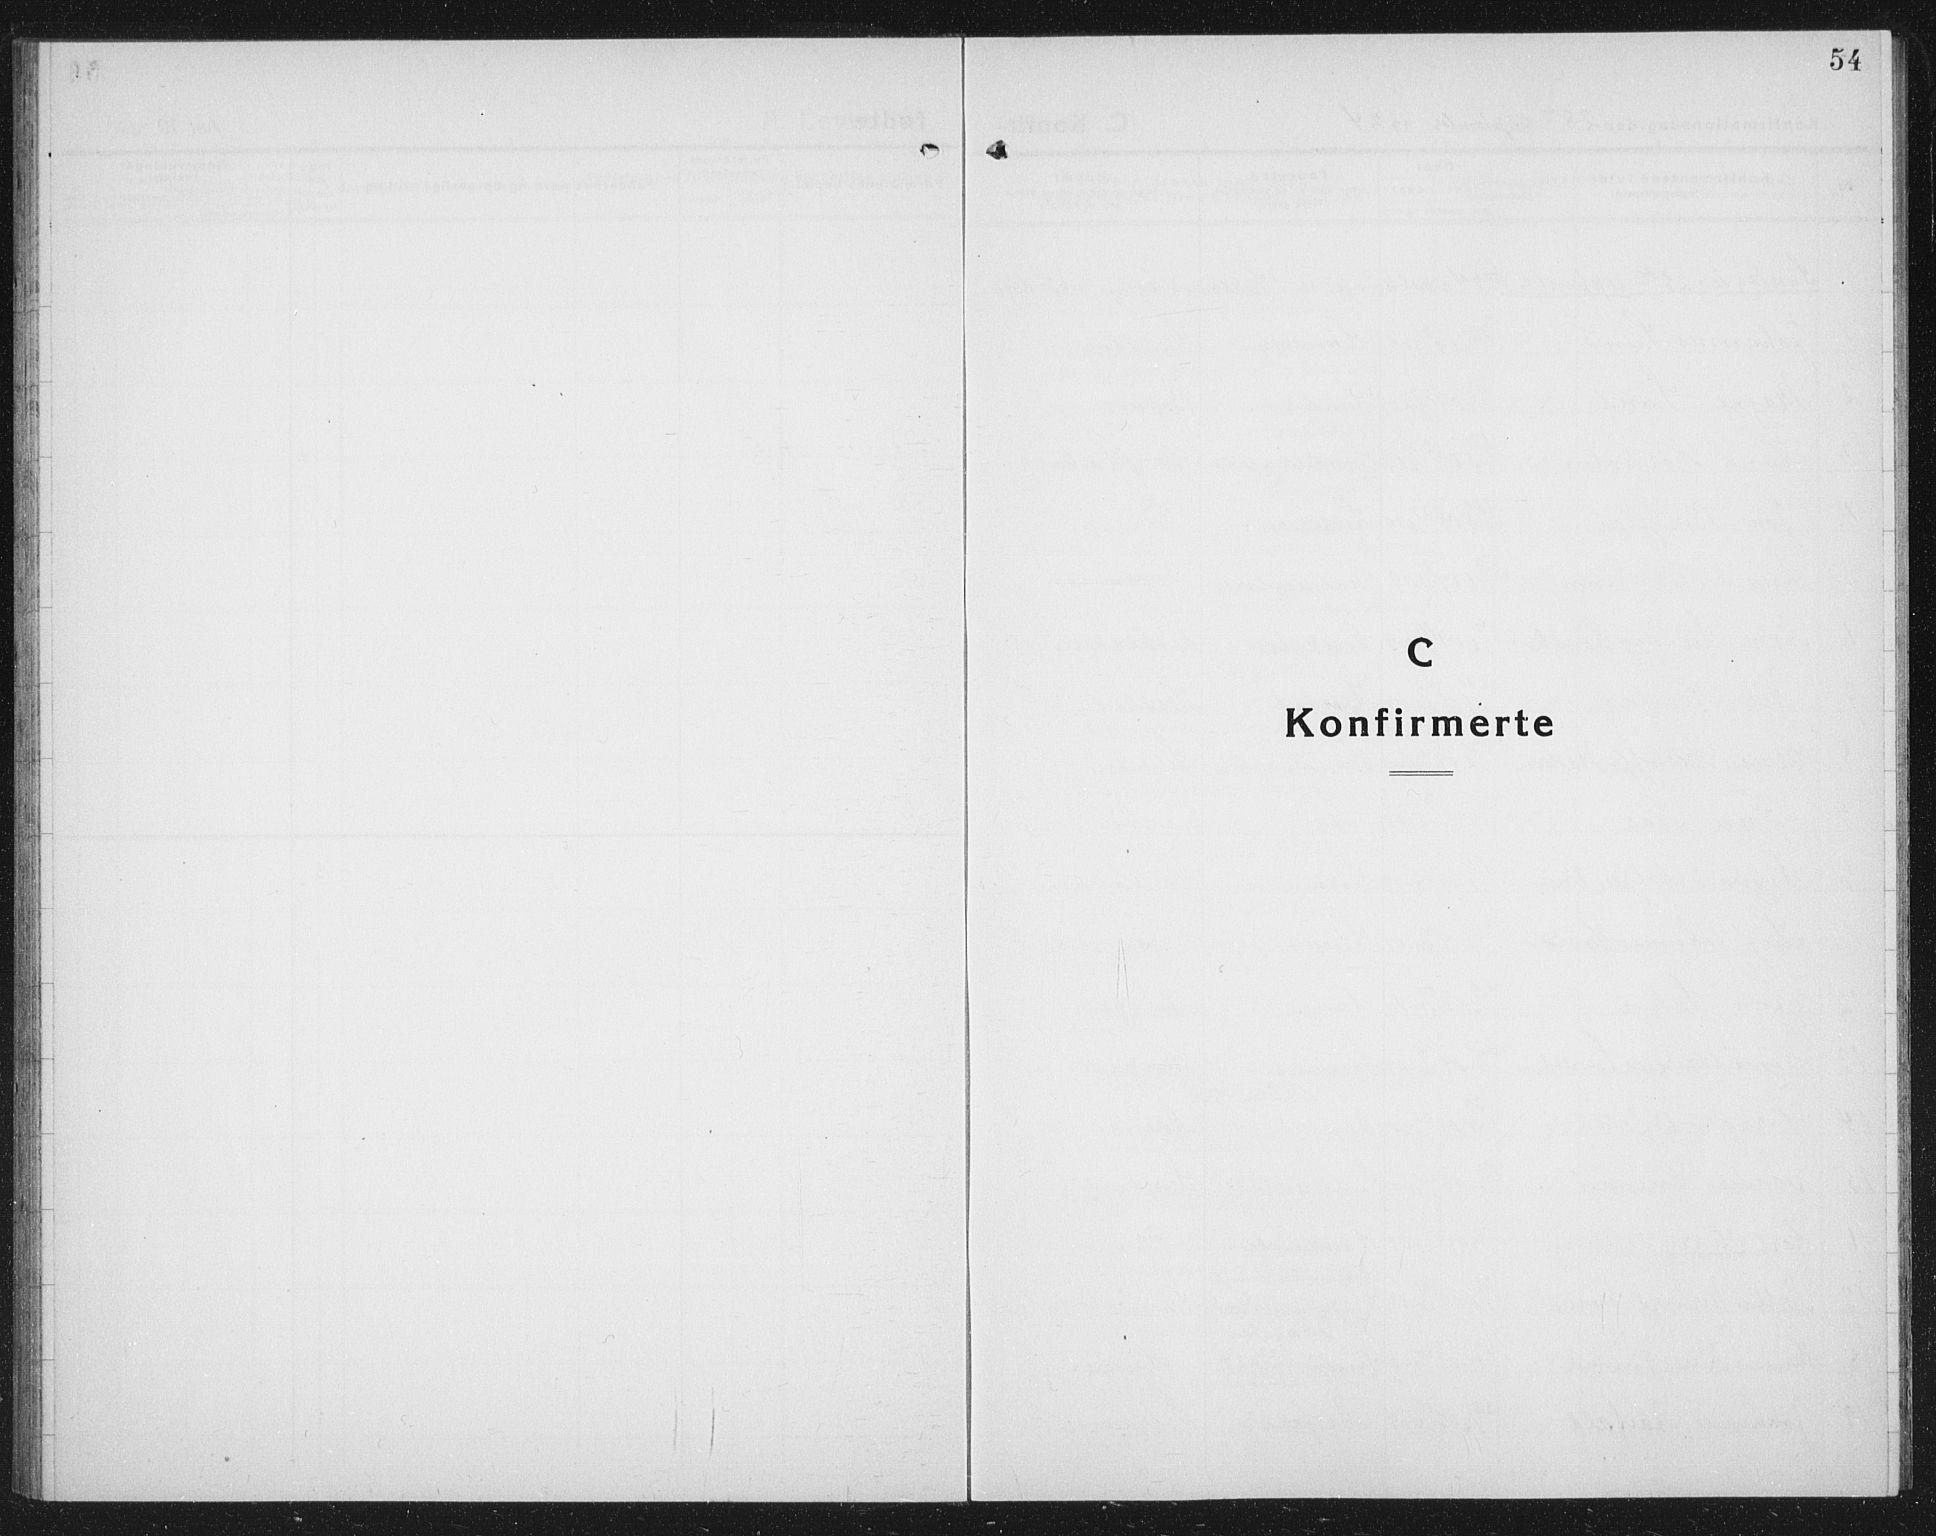 SAT, Ministerialprotokoller, klokkerbøker og fødselsregistre - Nord-Trøndelag, 730/L0303: Klokkerbok nr. 730C06, 1924-1933, s. 54